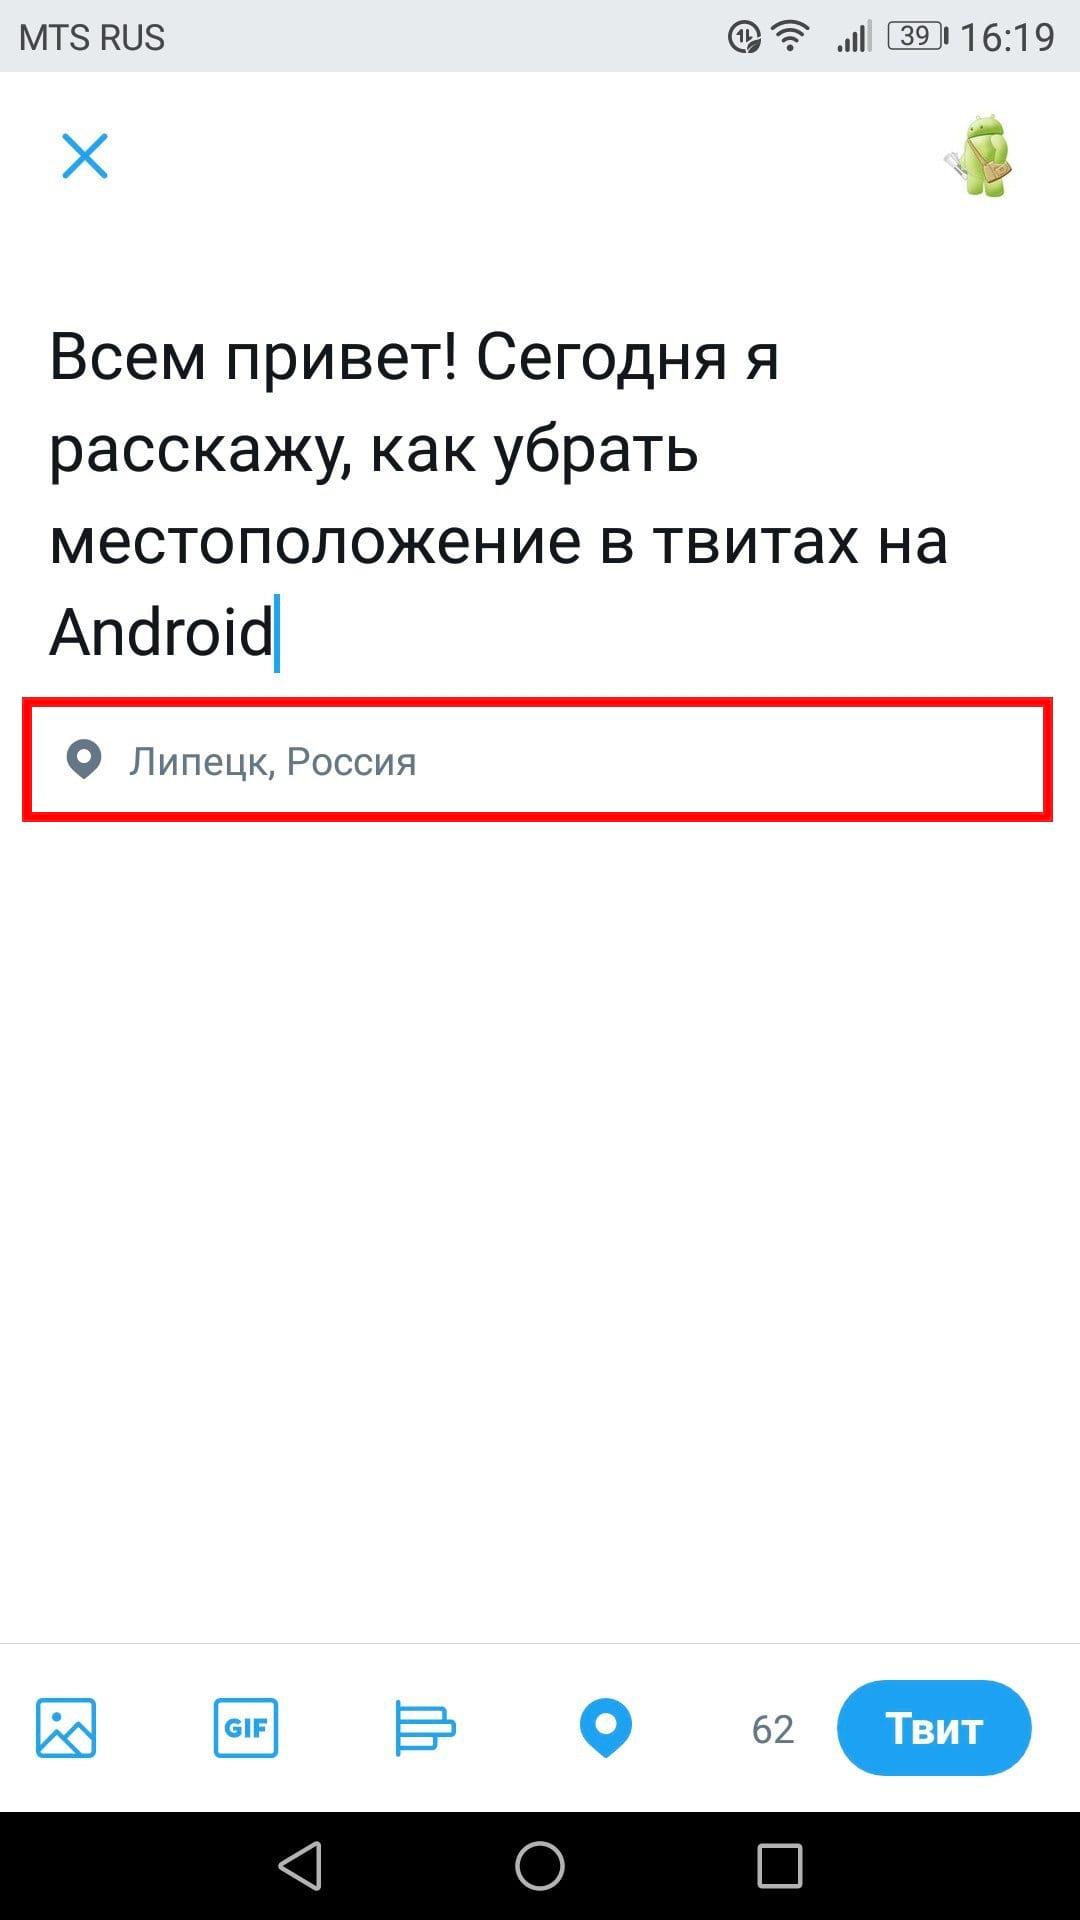 Как сделать фото с местоположением на андроид